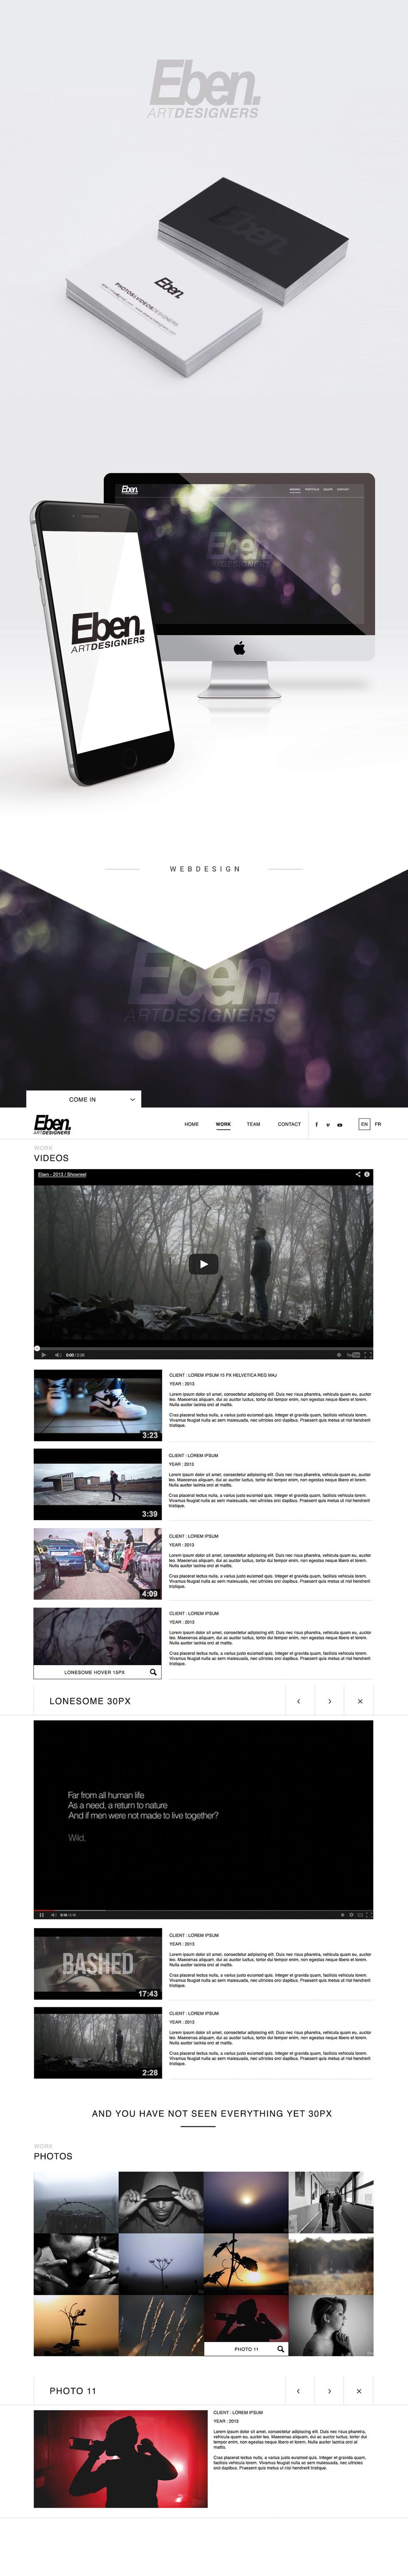 eben-branding-website.jpg